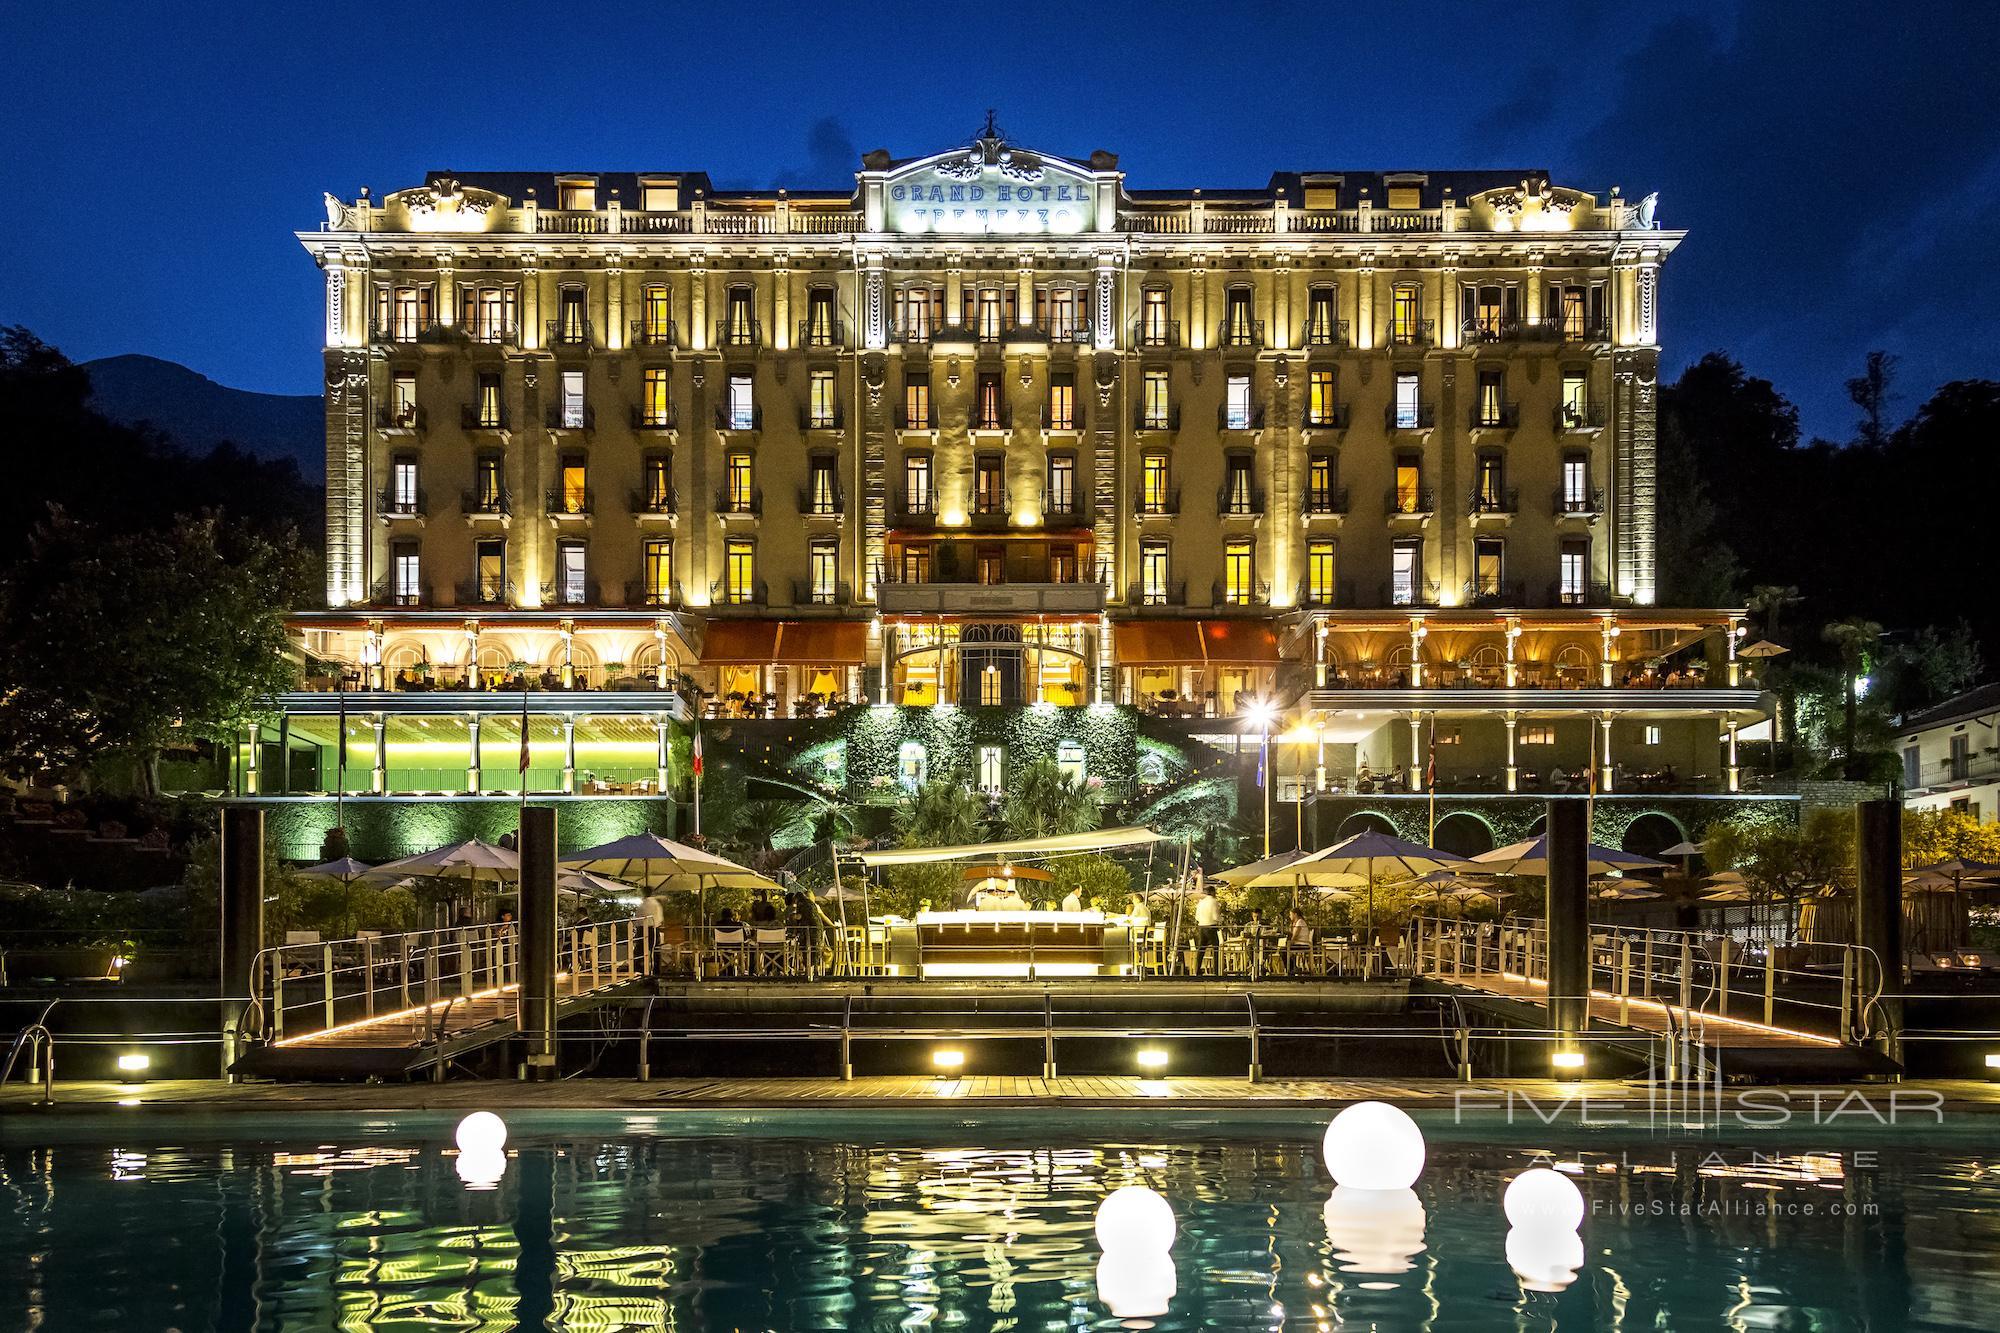 Grand Hotel Tremezzo Palace at Night